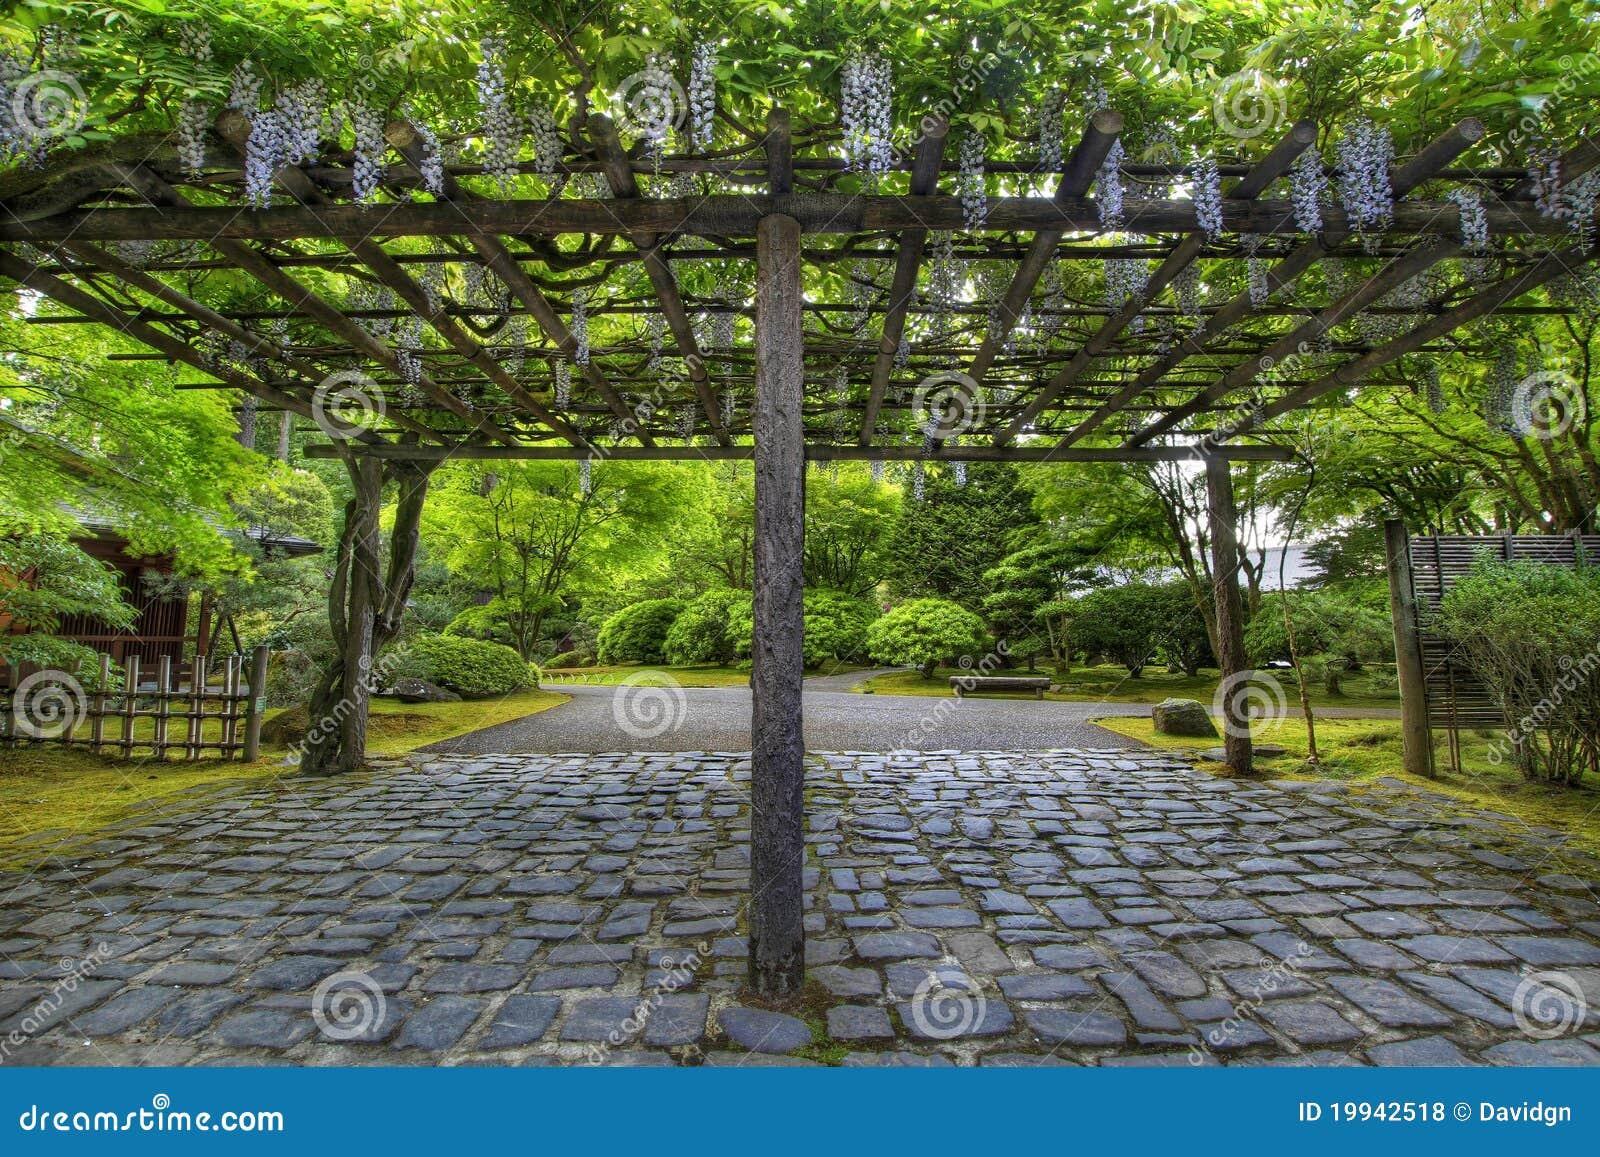 Glycines en fleur au chemin japonais de jardin de portland photos libres de droits image 19942518 - Pergola voor glycine ...